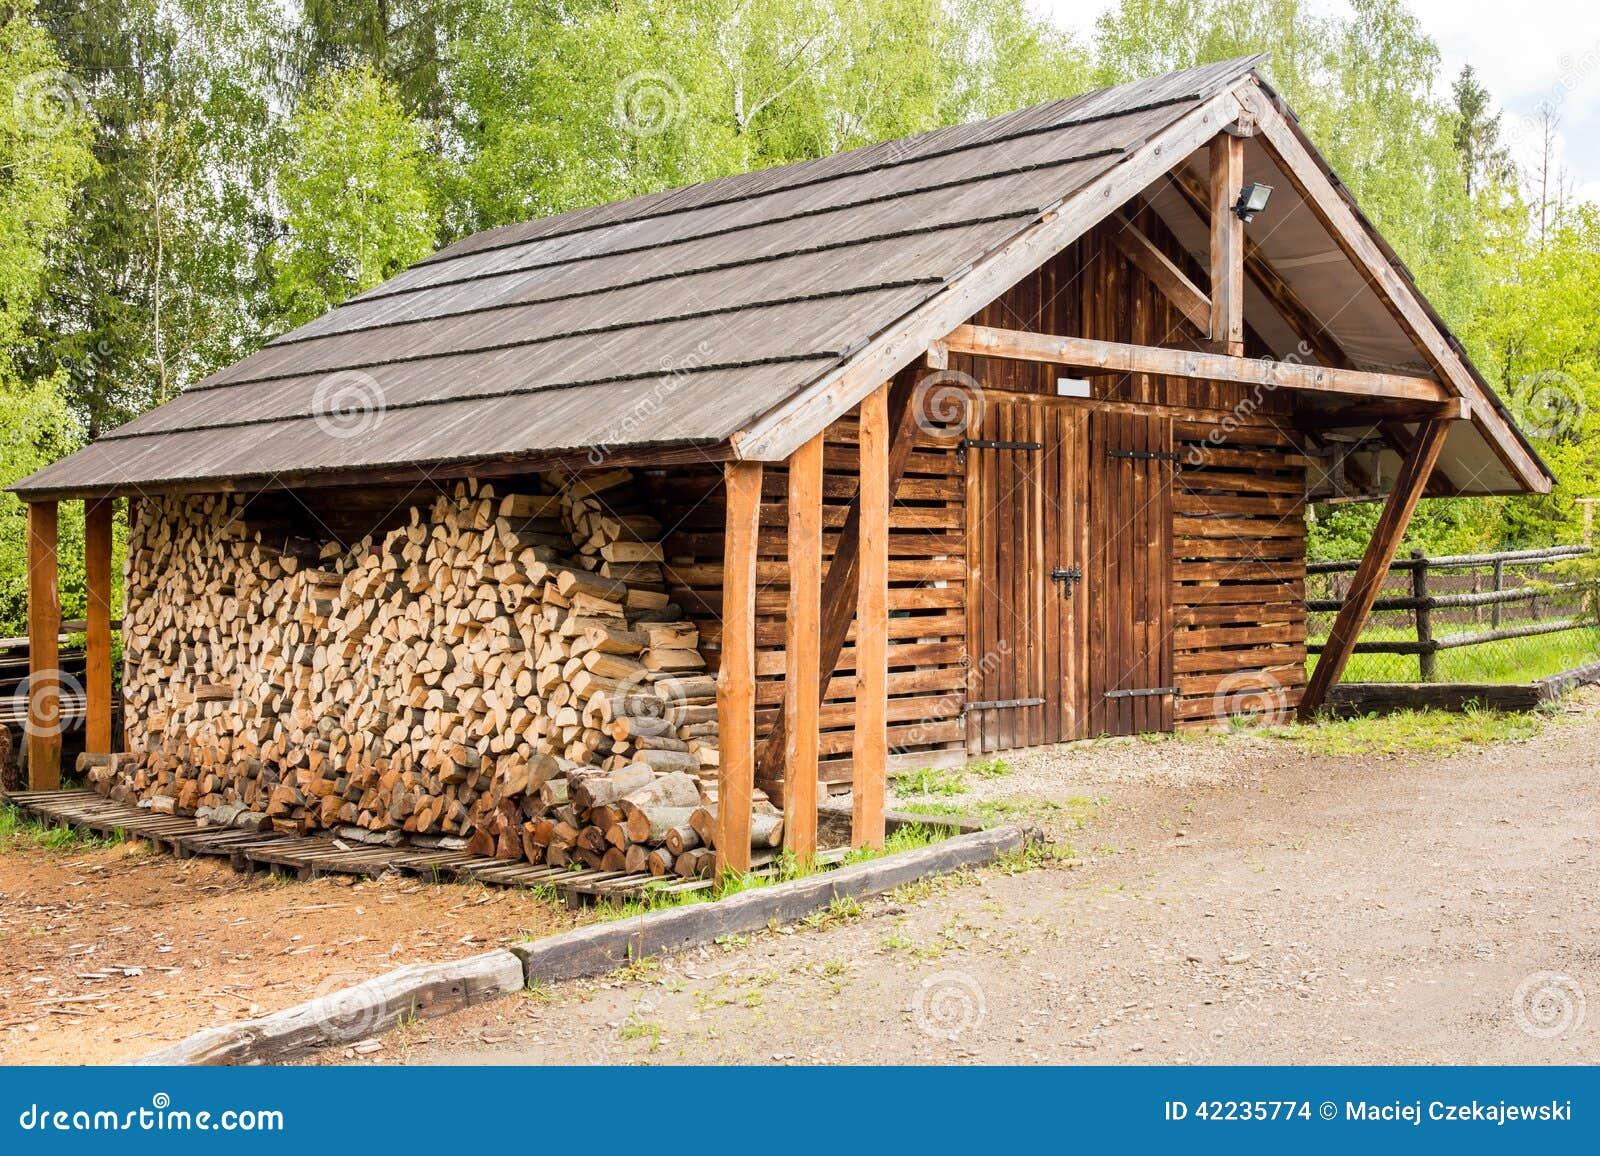 hangar bois pas cher beautiful garage en bois pas cher. Black Bedroom Furniture Sets. Home Design Ideas